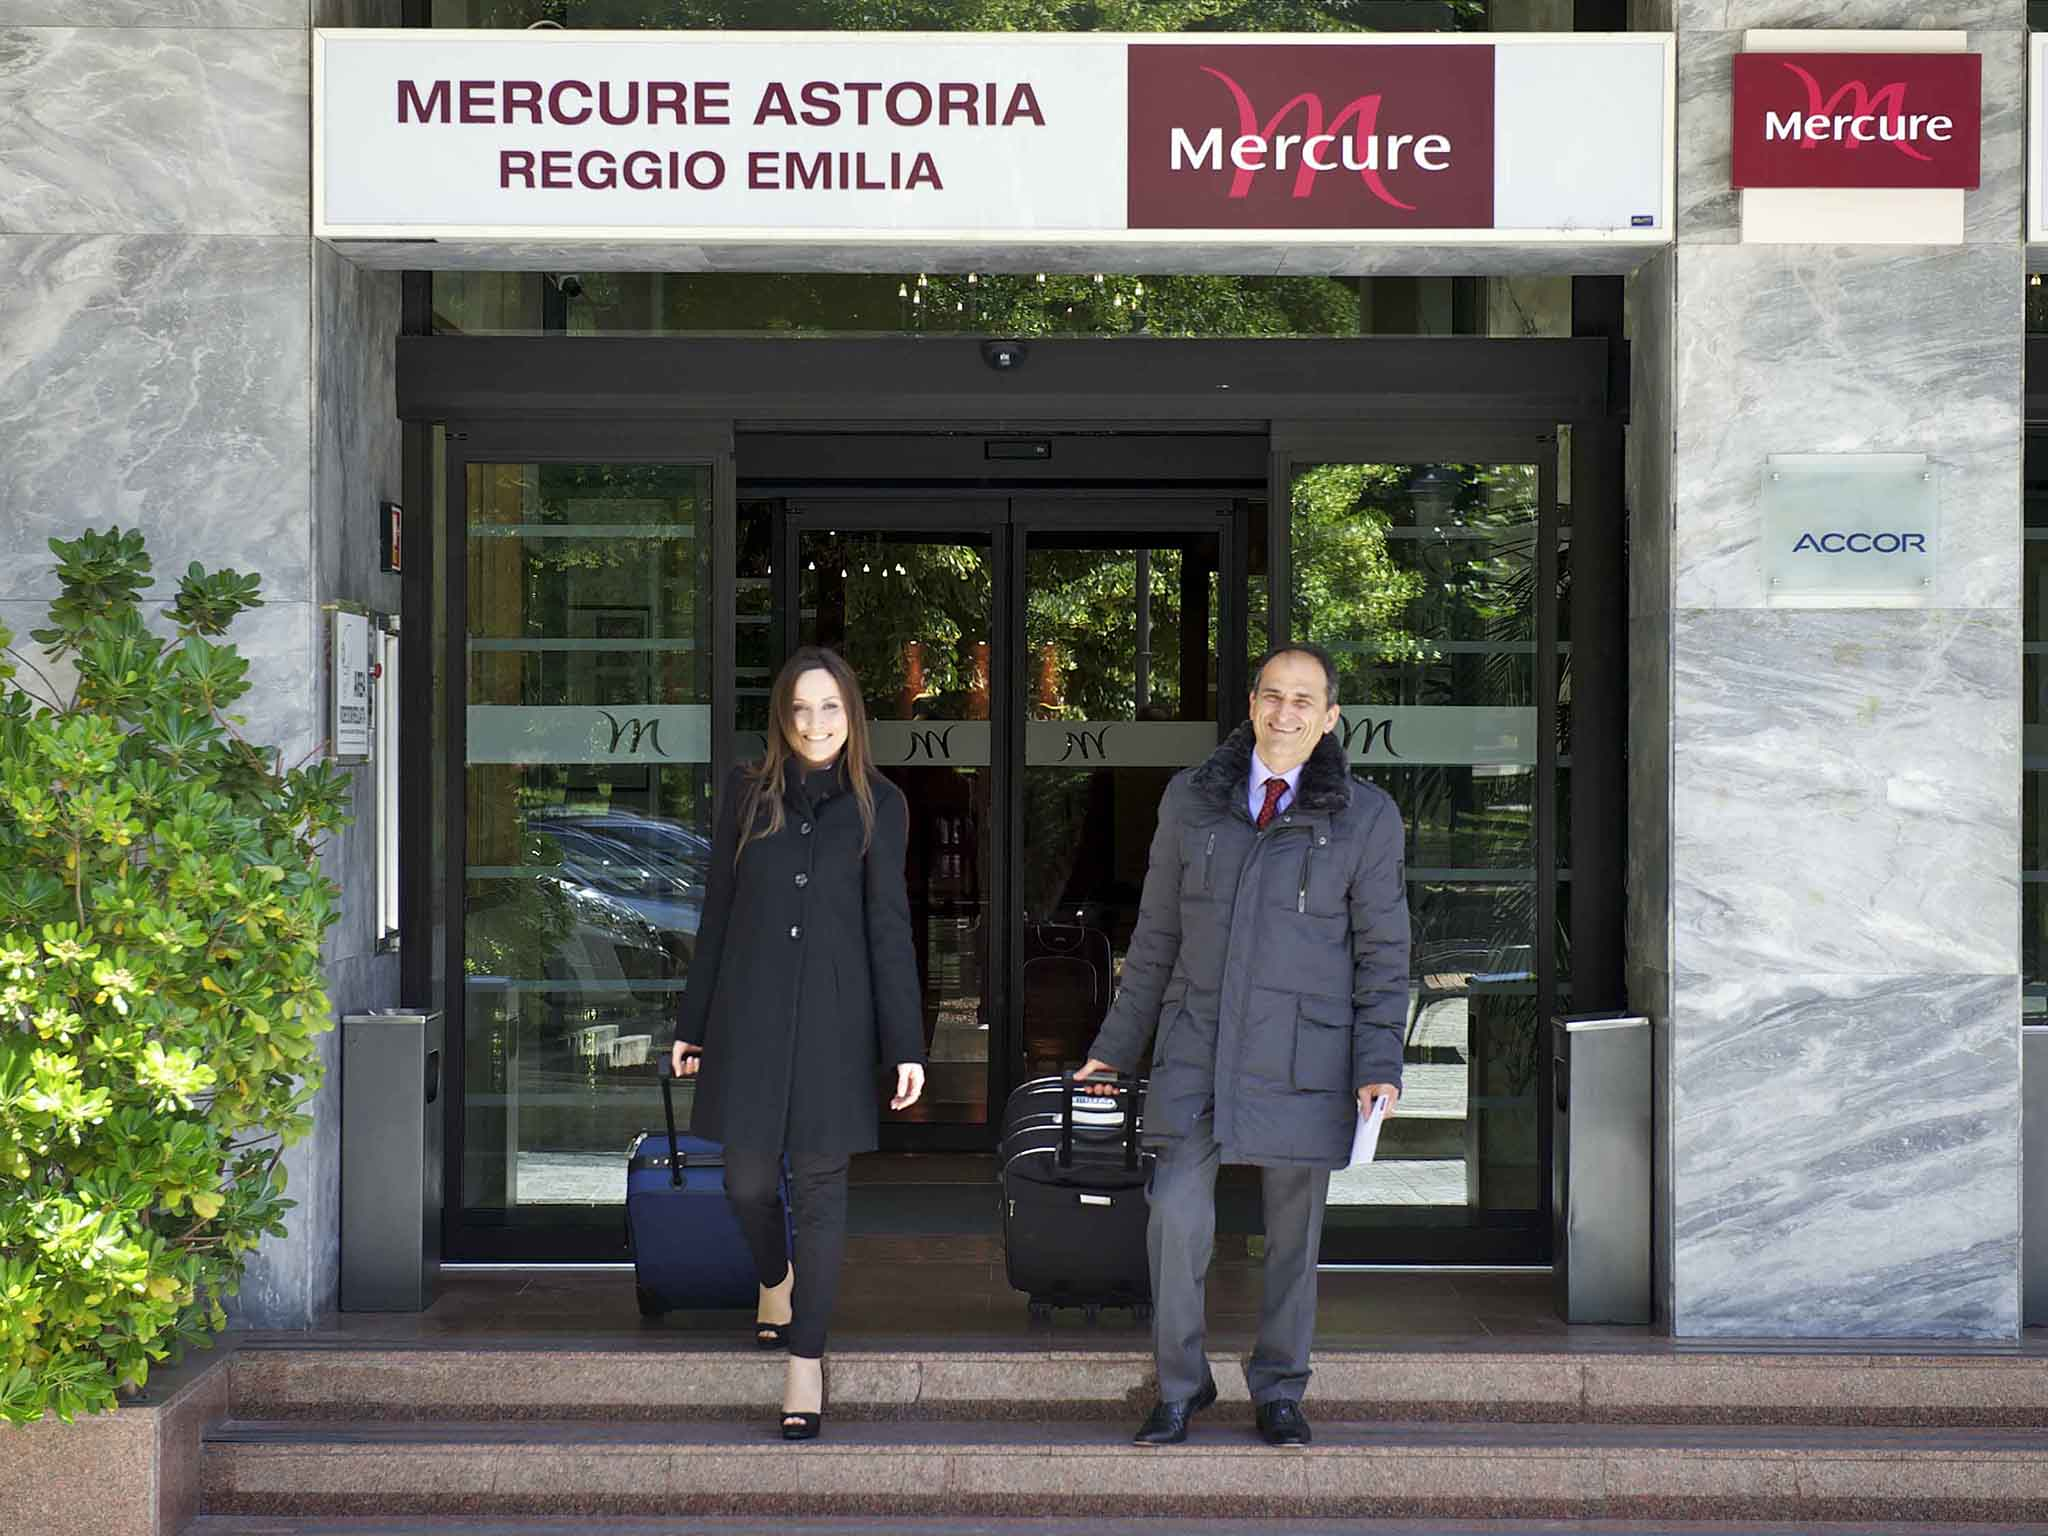 Hotel in REGGIO EMILIA - Mercure Reggio Emilia Centro Astoria